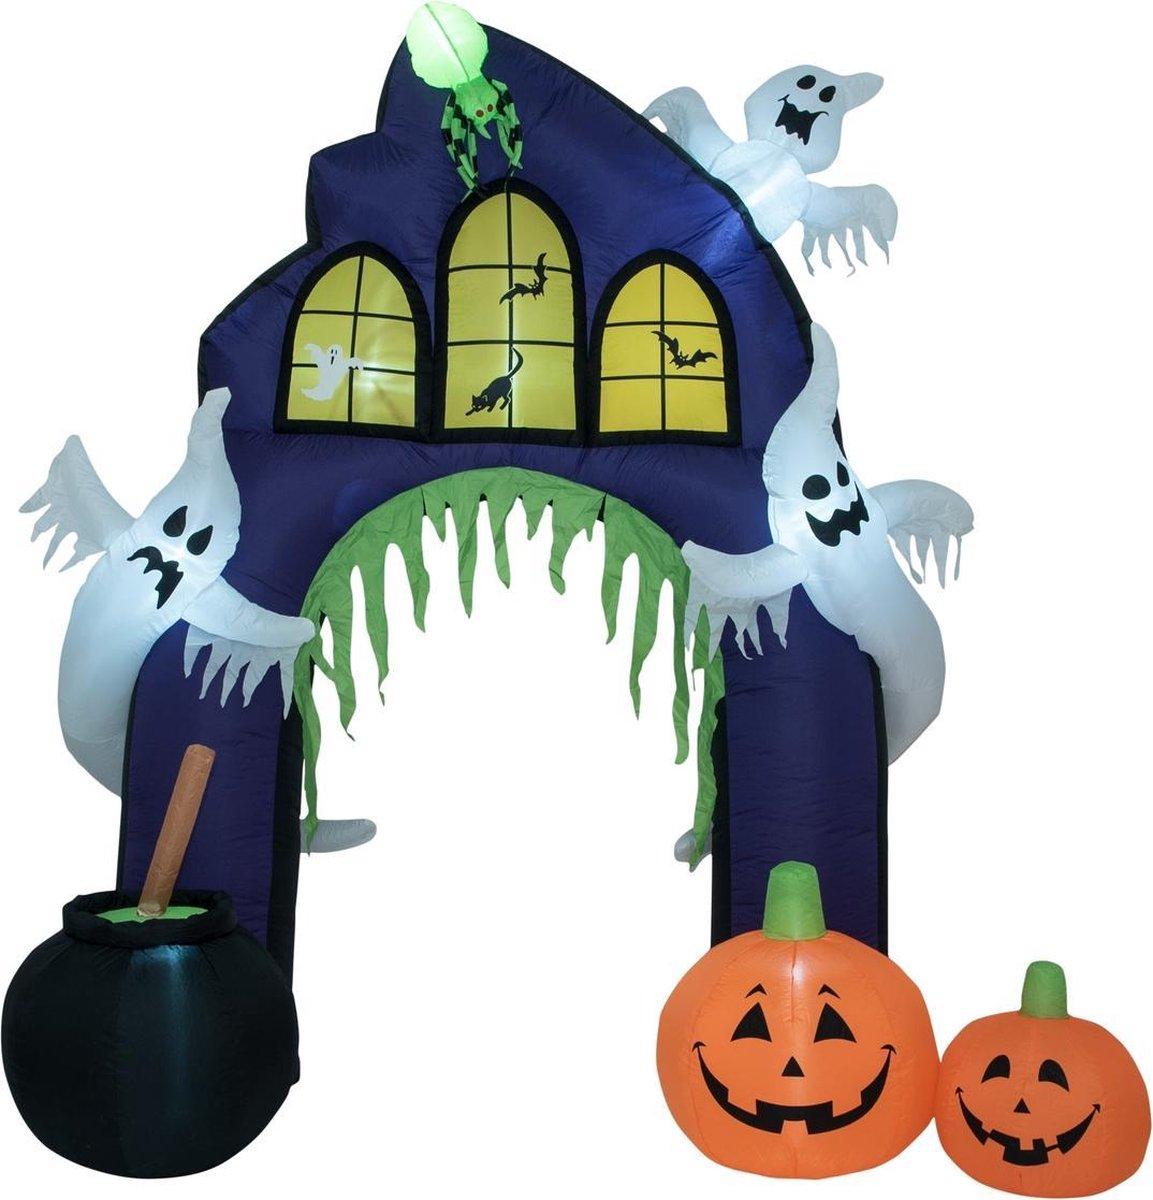 Halloween Decoratie Voor Buiten.Bol Com Europalms Halloween Versiering Met Licht Opblaasbaar Decoratie Haunted House